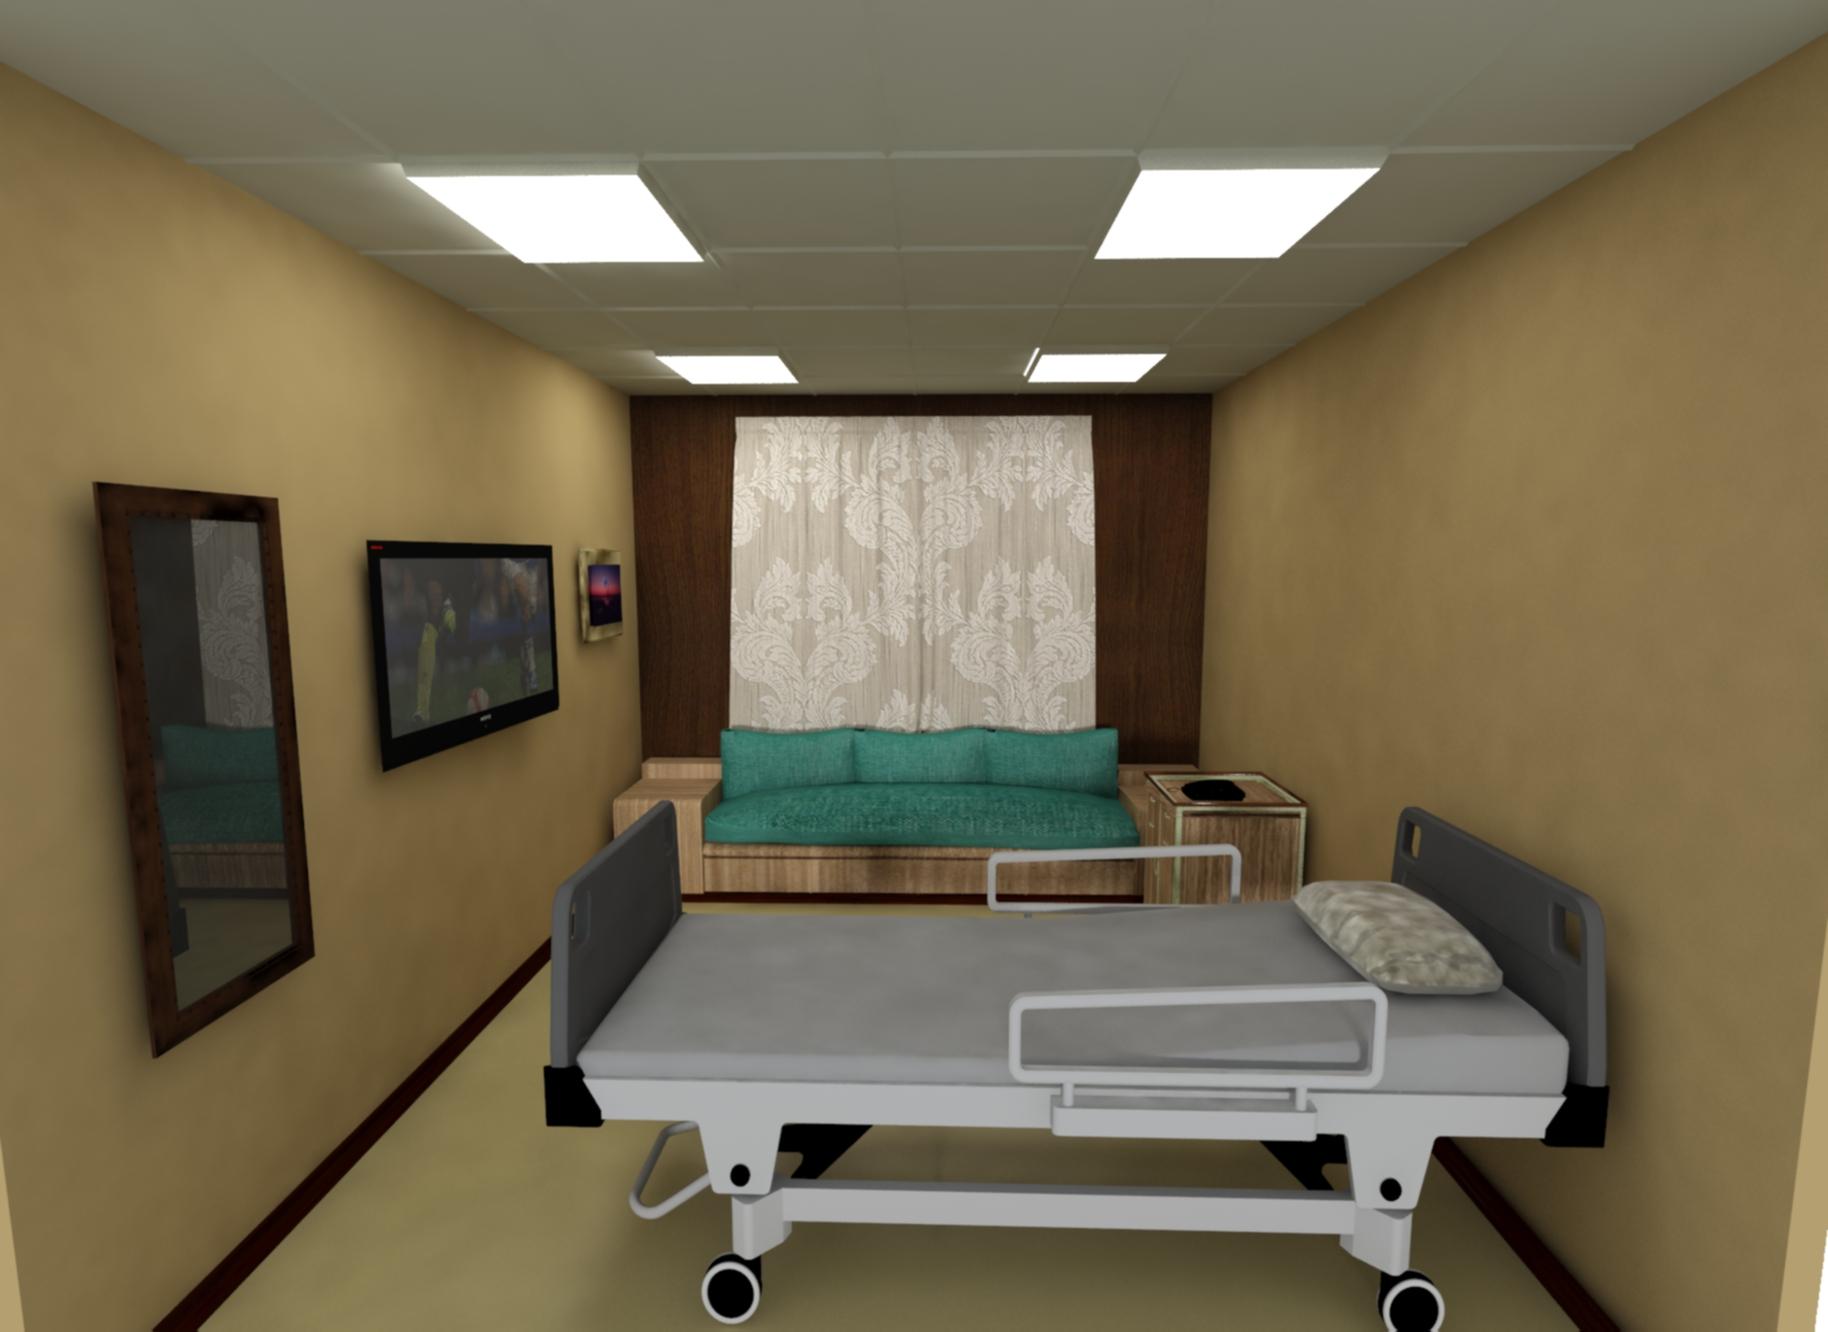 HOSPITAL ROOM 3d model max 280817